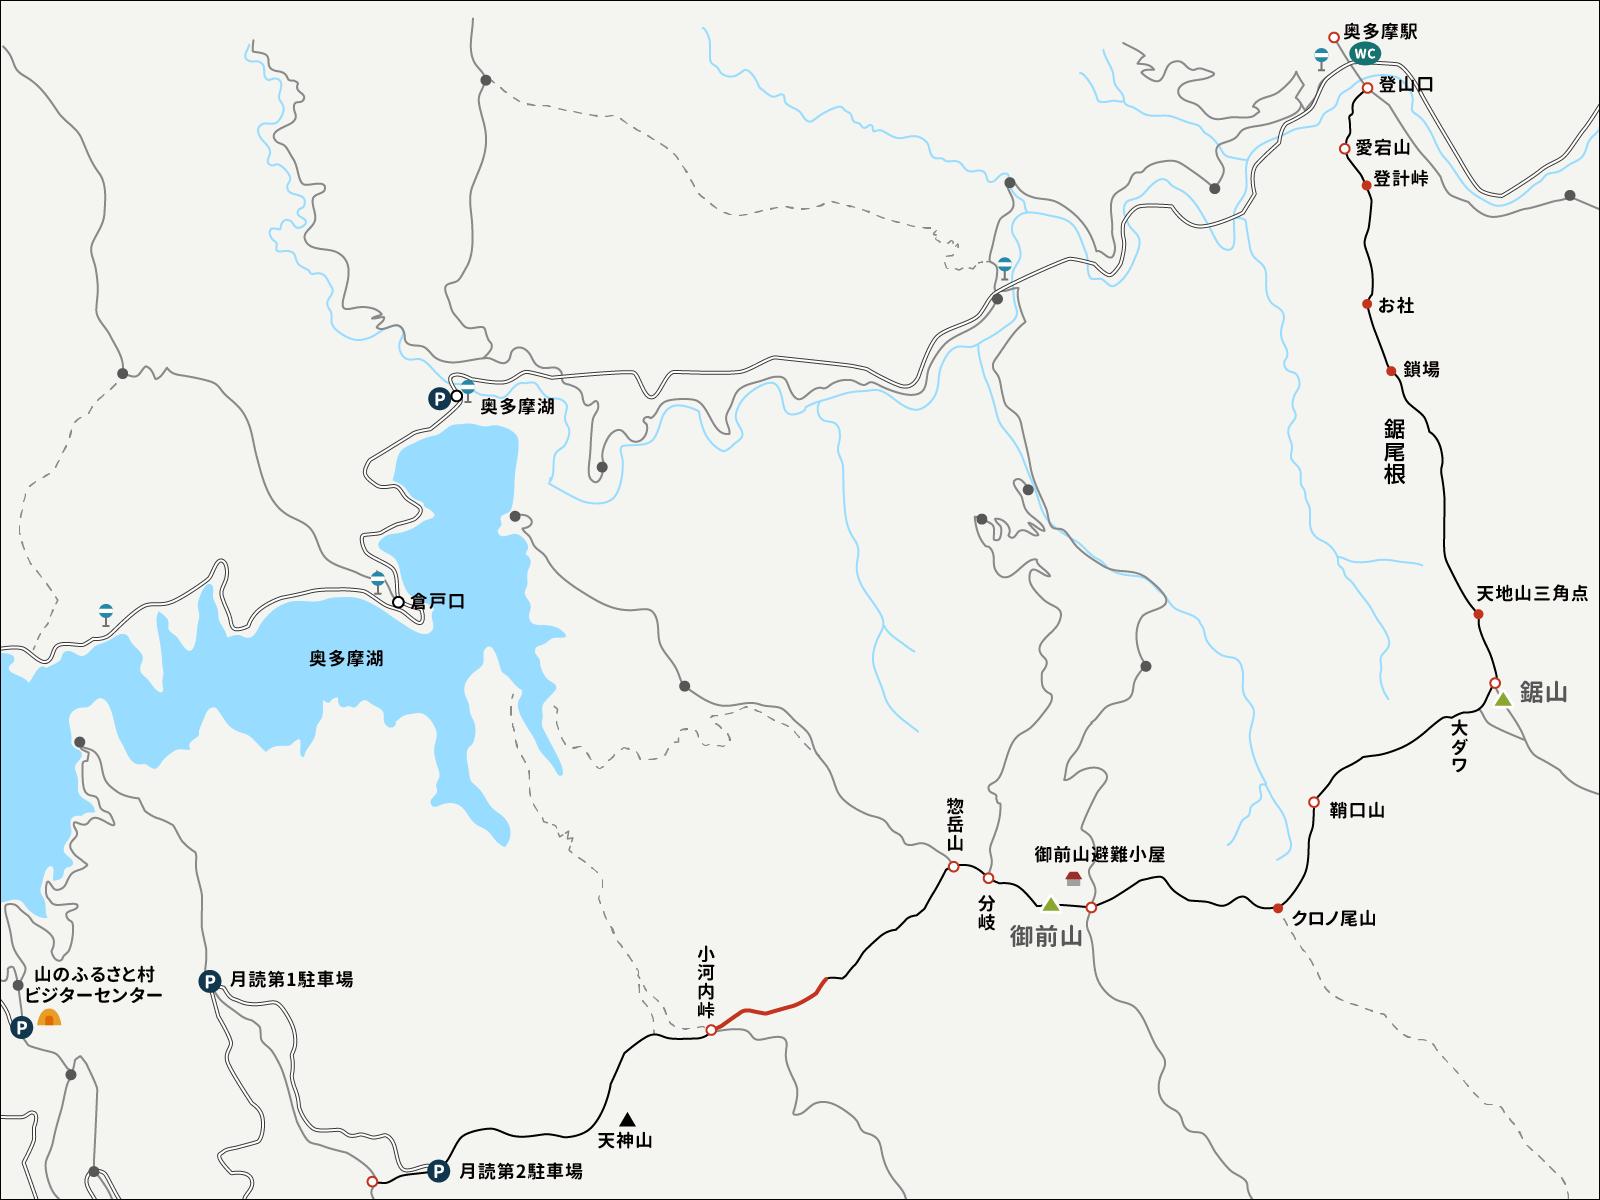 分岐点から小河内峠までのイラストマップ